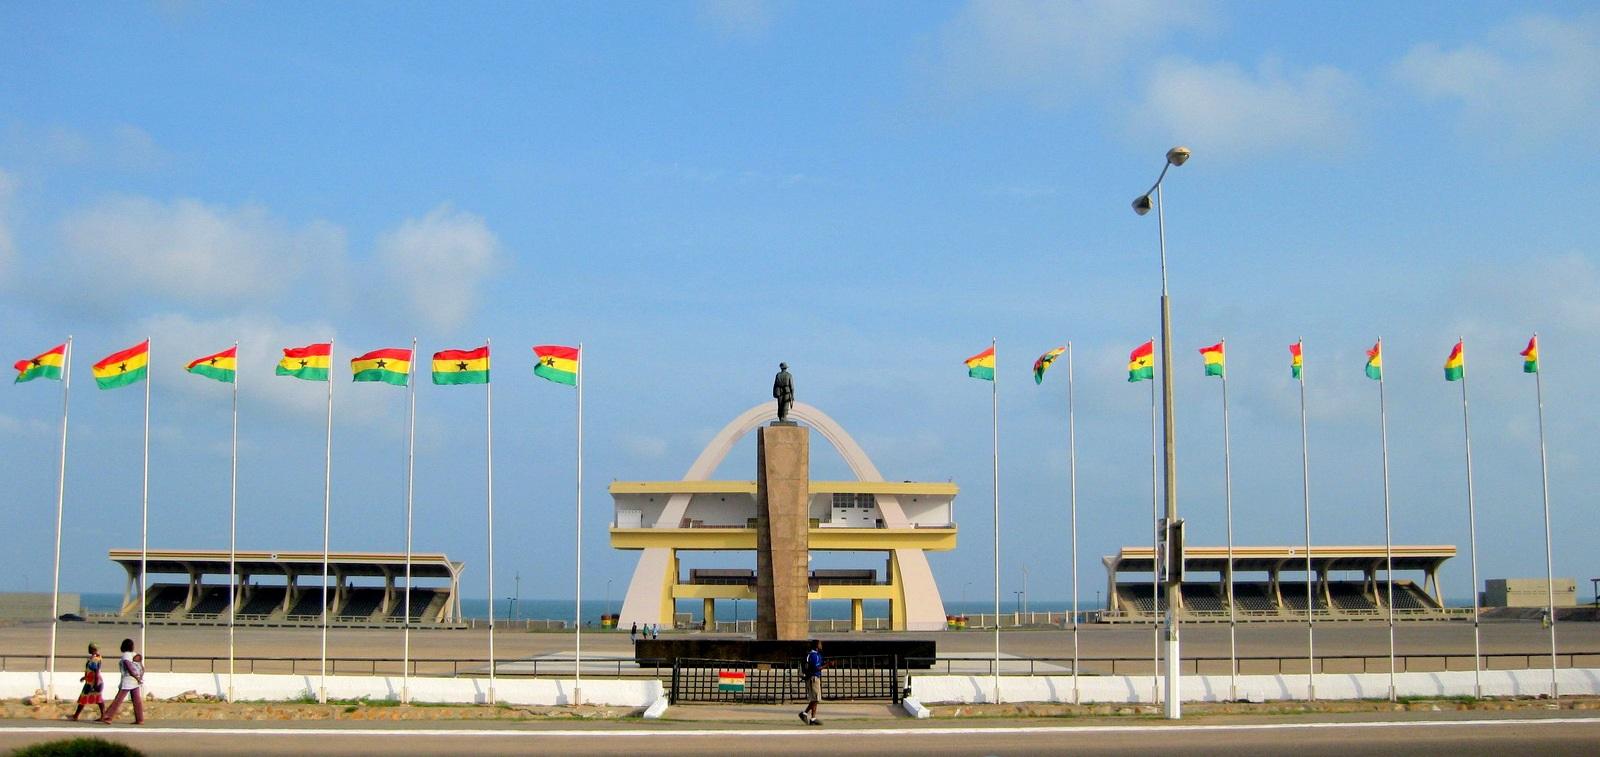 Ghlisting Hotels in Ghana, Events in Ghana |   Ghana1